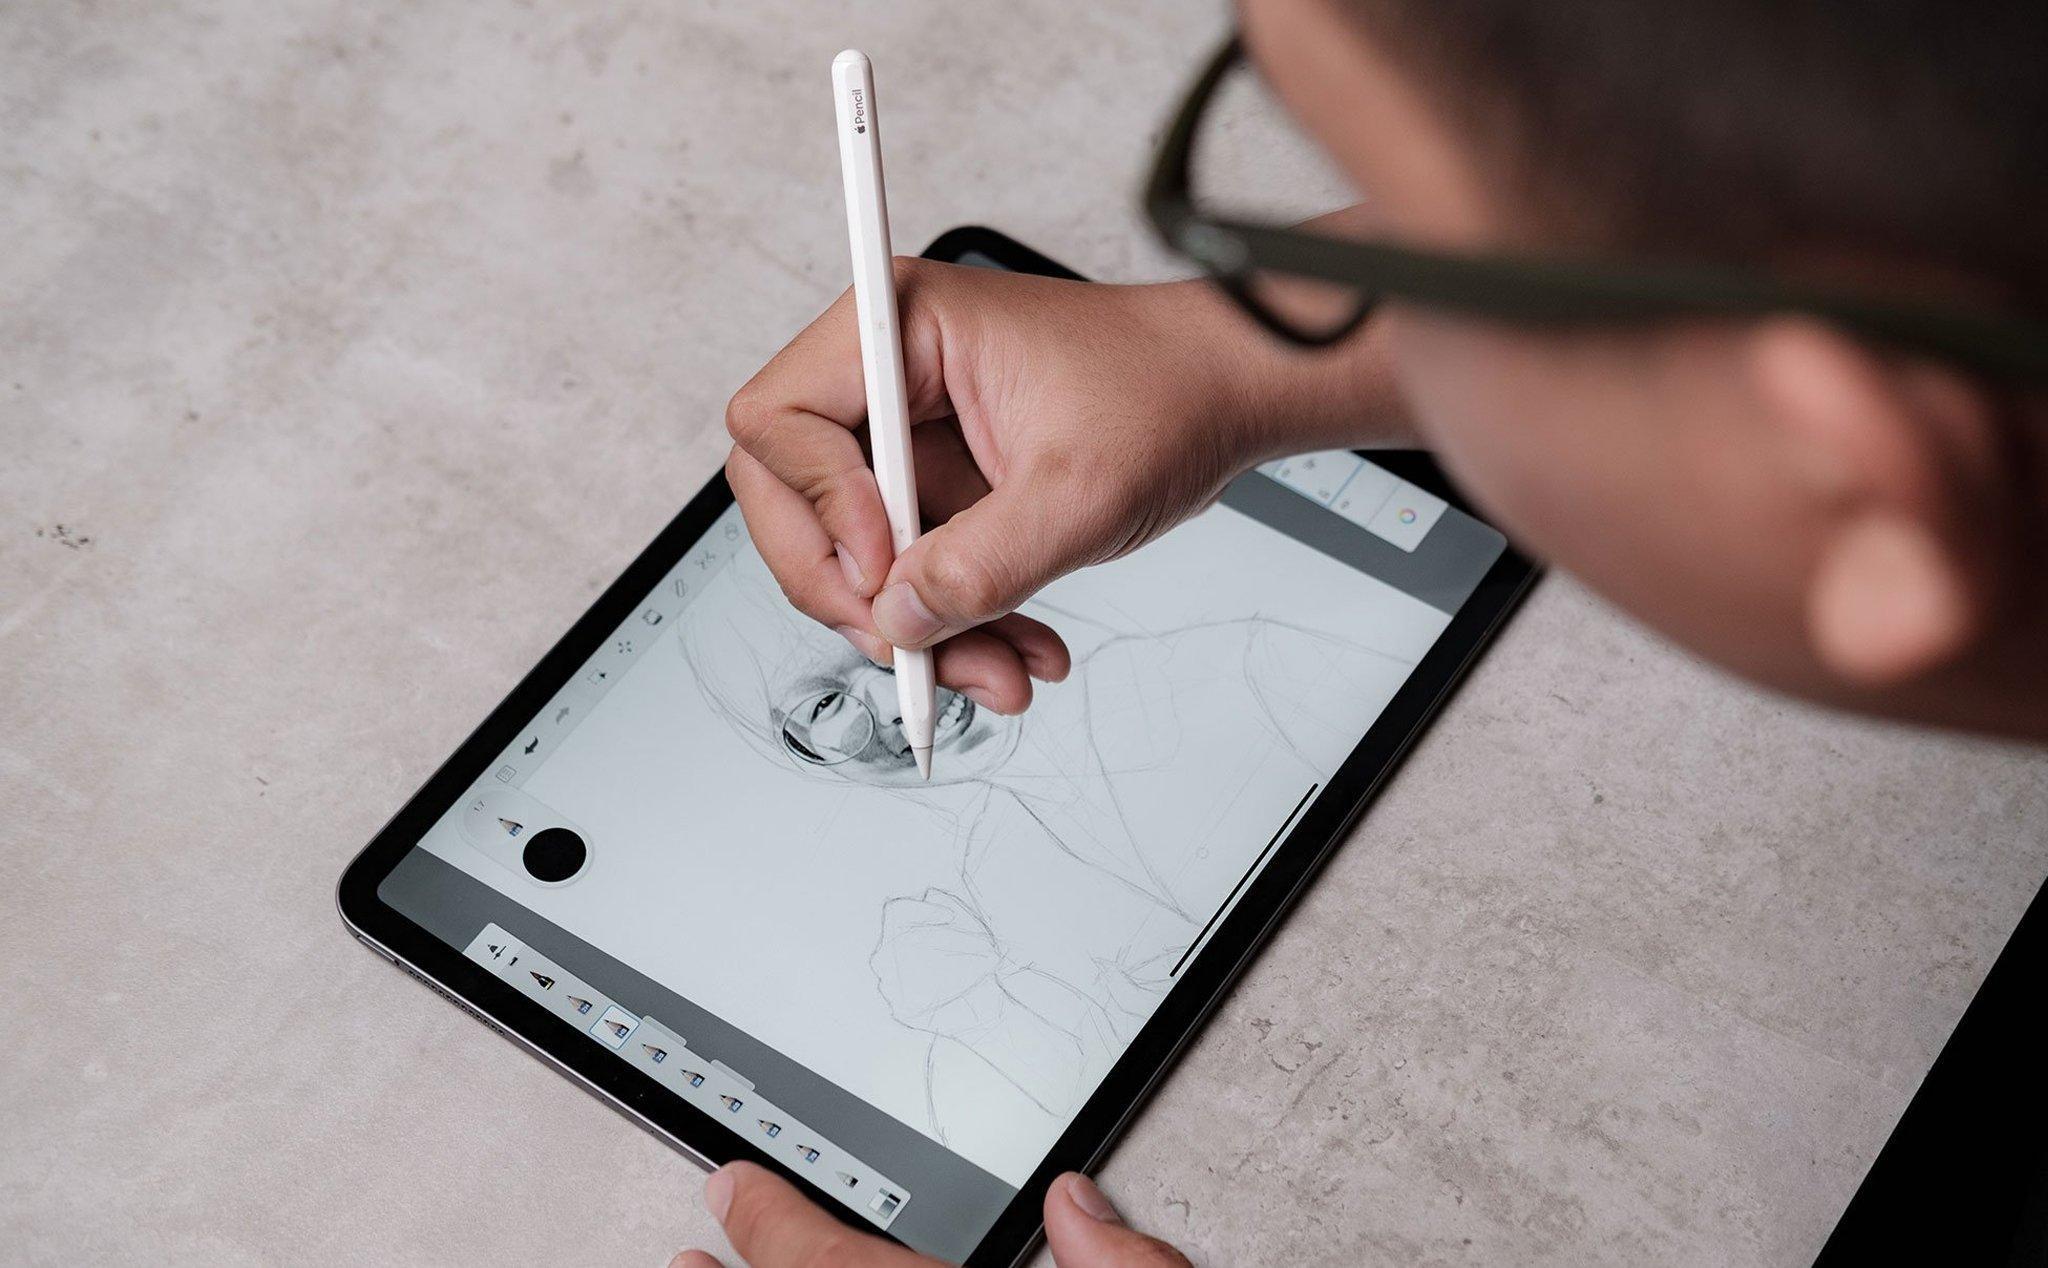 Với mình, Apple Pencil là cây bút tuyệt vời nhất để vẽ trên iPad